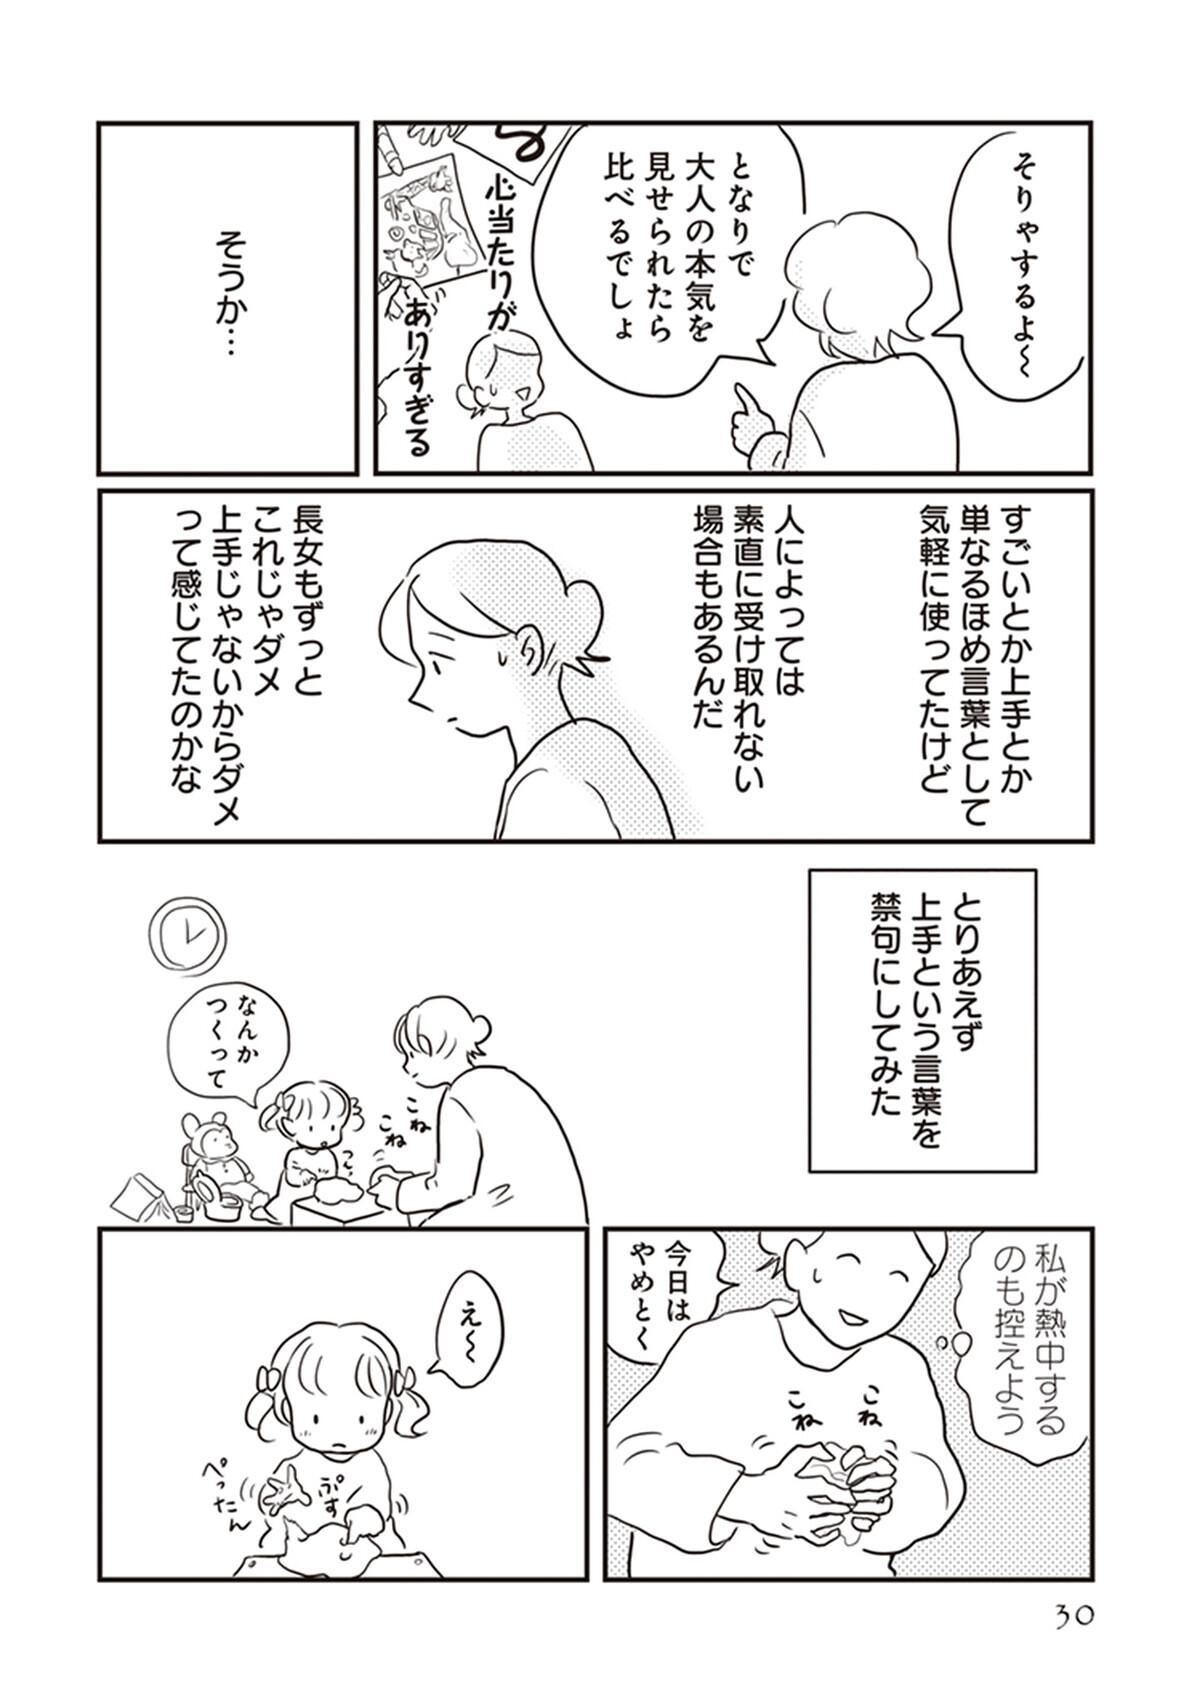 褒められると泣く子の「ほめルール」 どう伝えればいい?(後編)【「どんなときでも味方だよ」って伝えたい!  Vol.2】